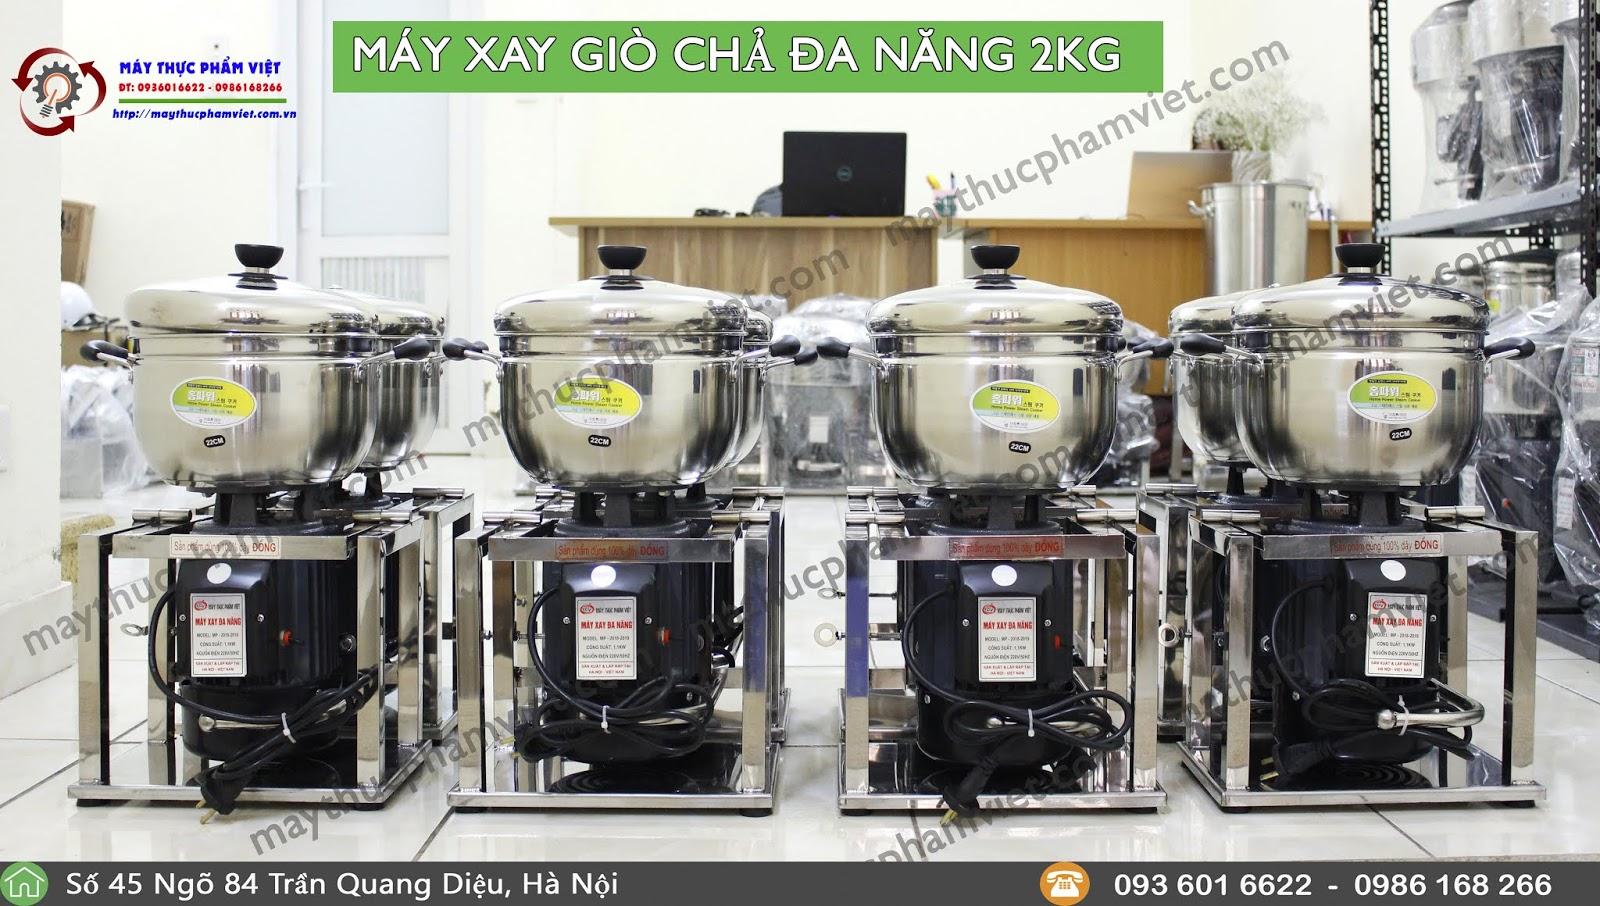 may-xay-gio-cha-mini-2kg-inox-jpg.47909